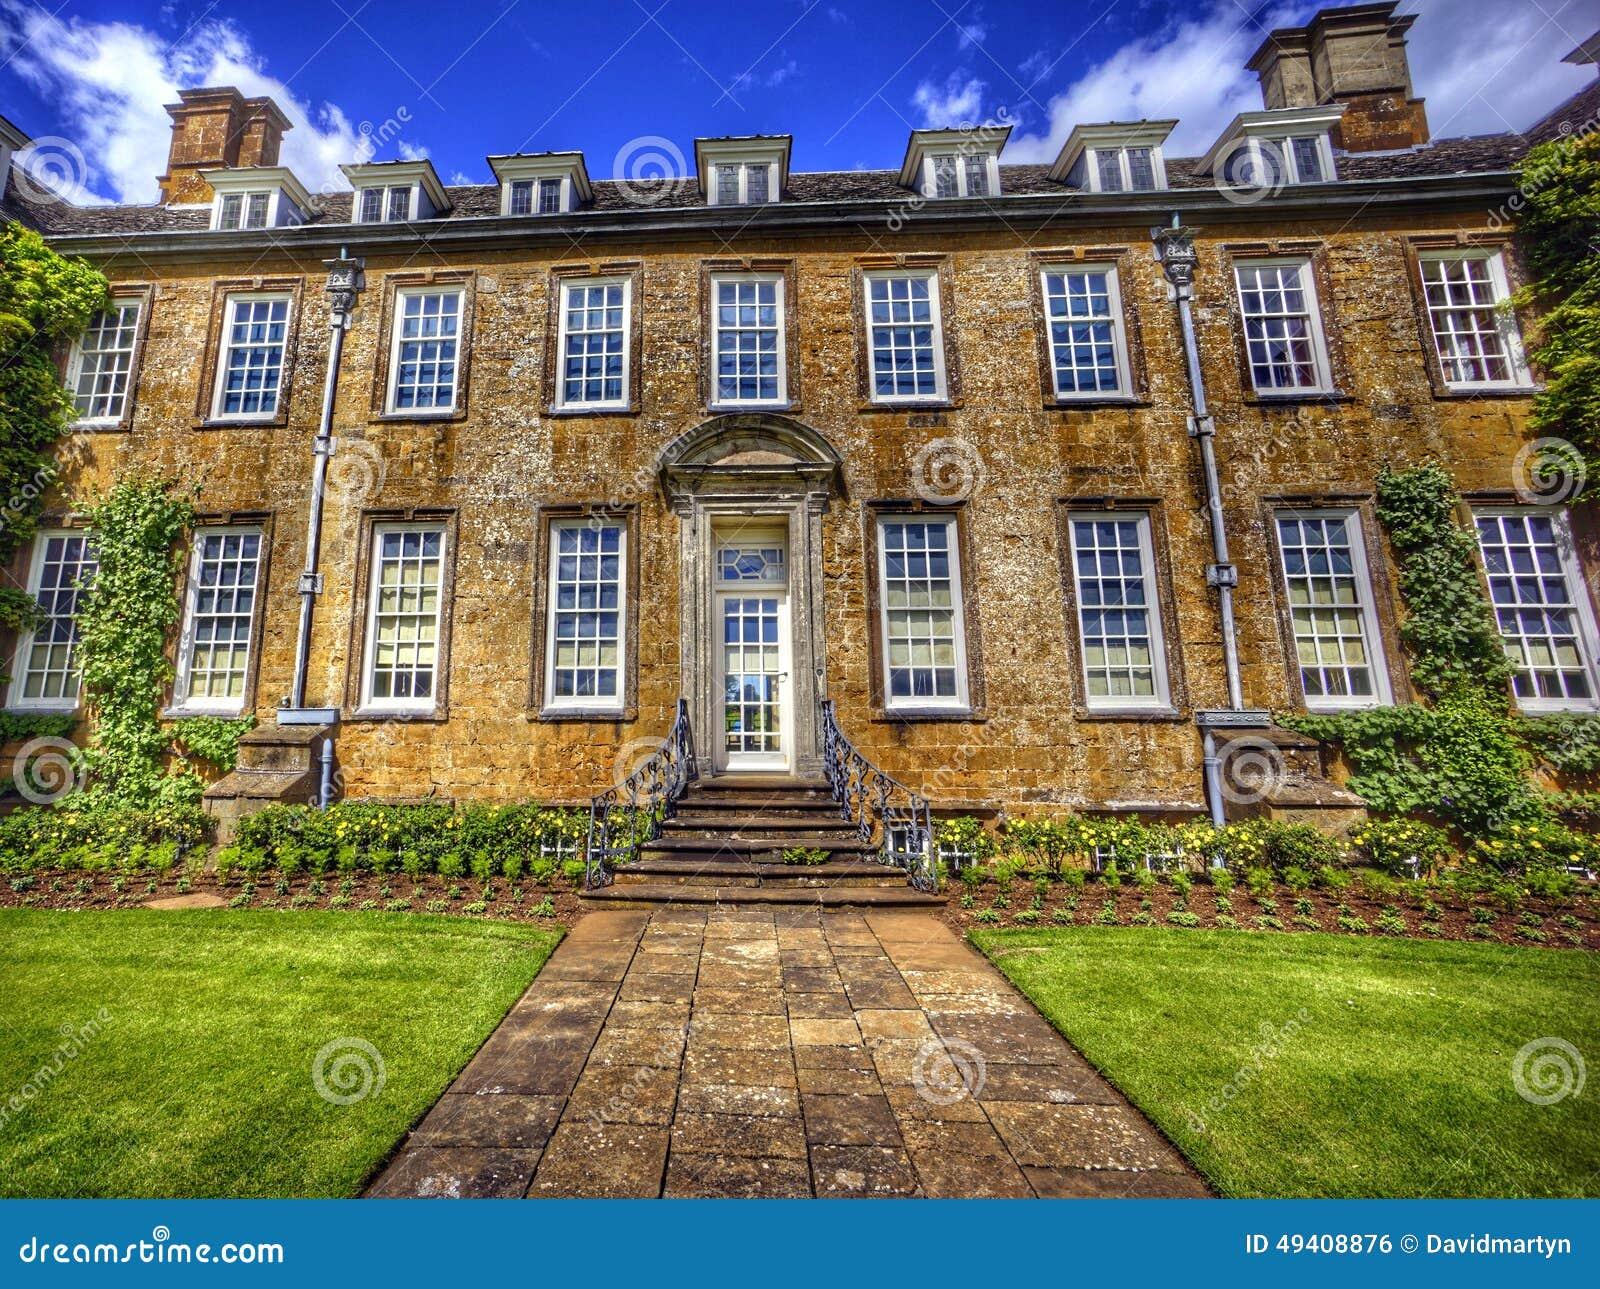 Download Haus stockfoto. Bild von gericht, midlands, upton, zustand - 49408876